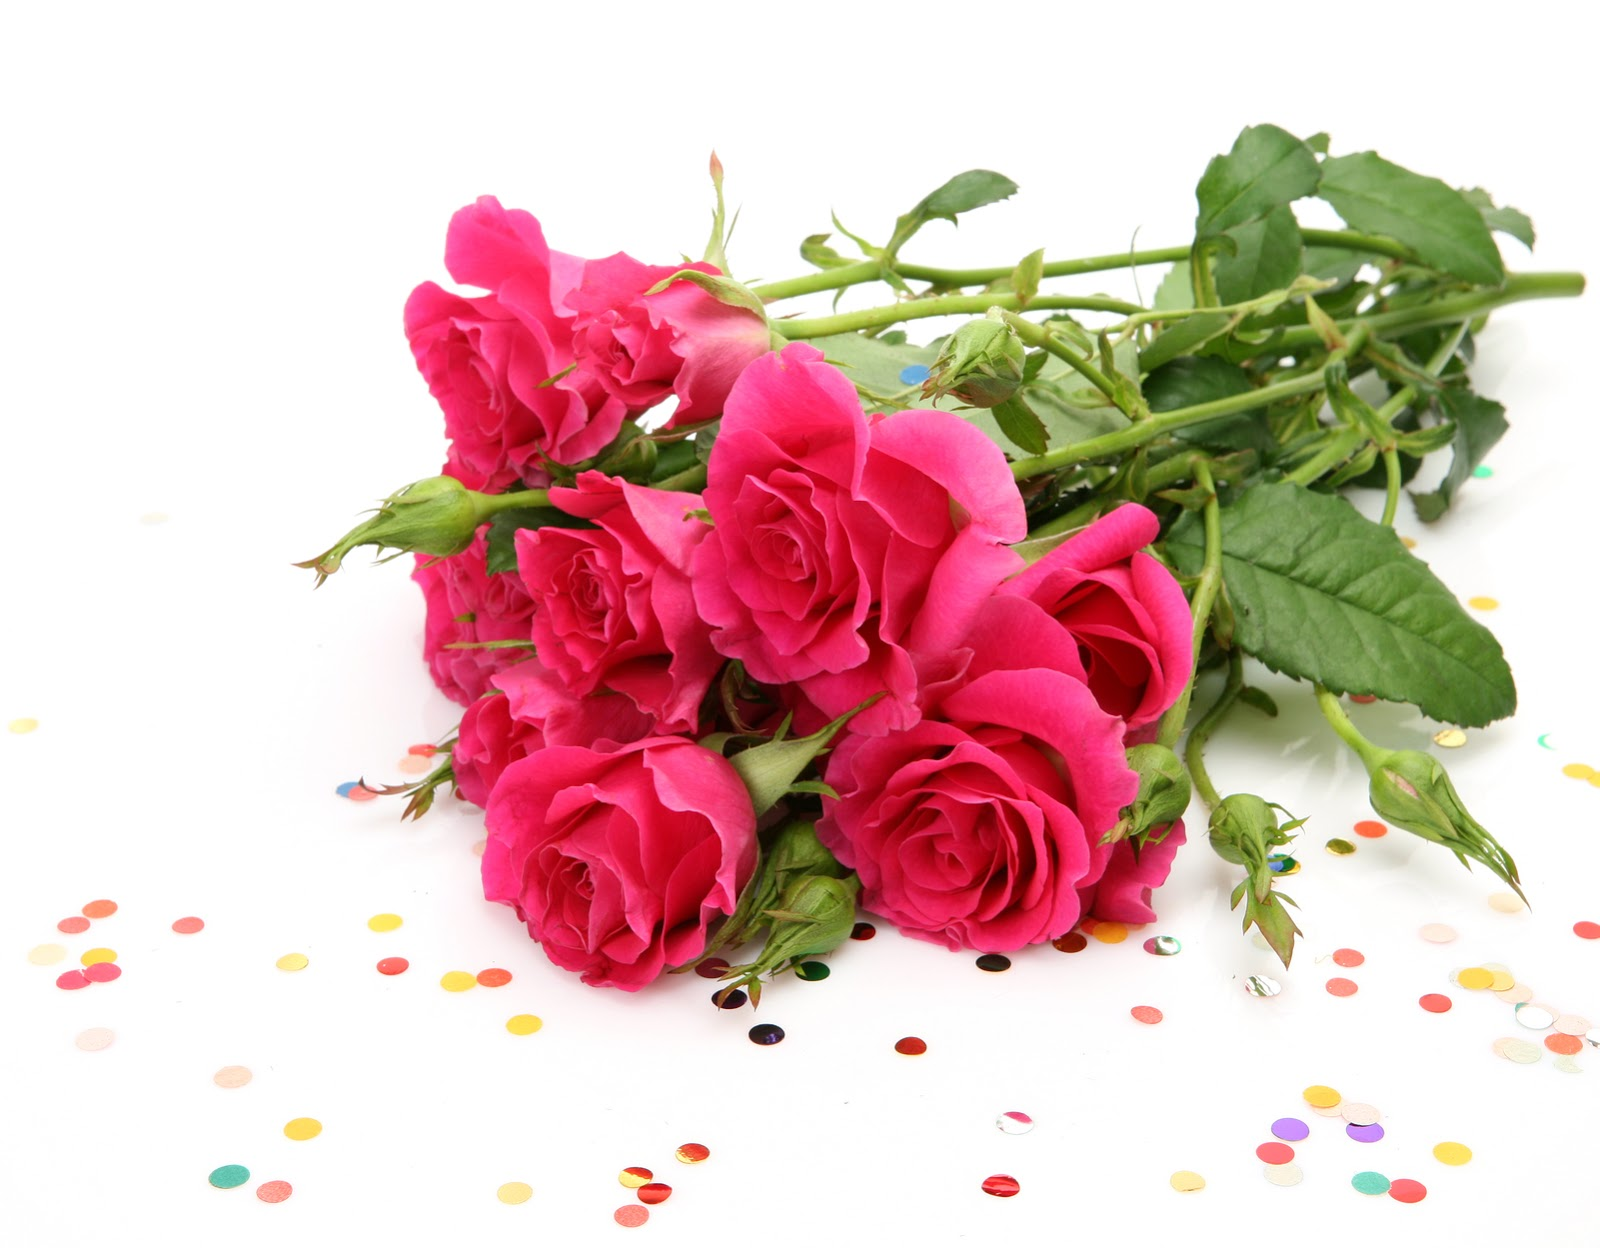 Banco de im genes 60 fotograf as de las flores m s - Fotos de flores bonitas ...